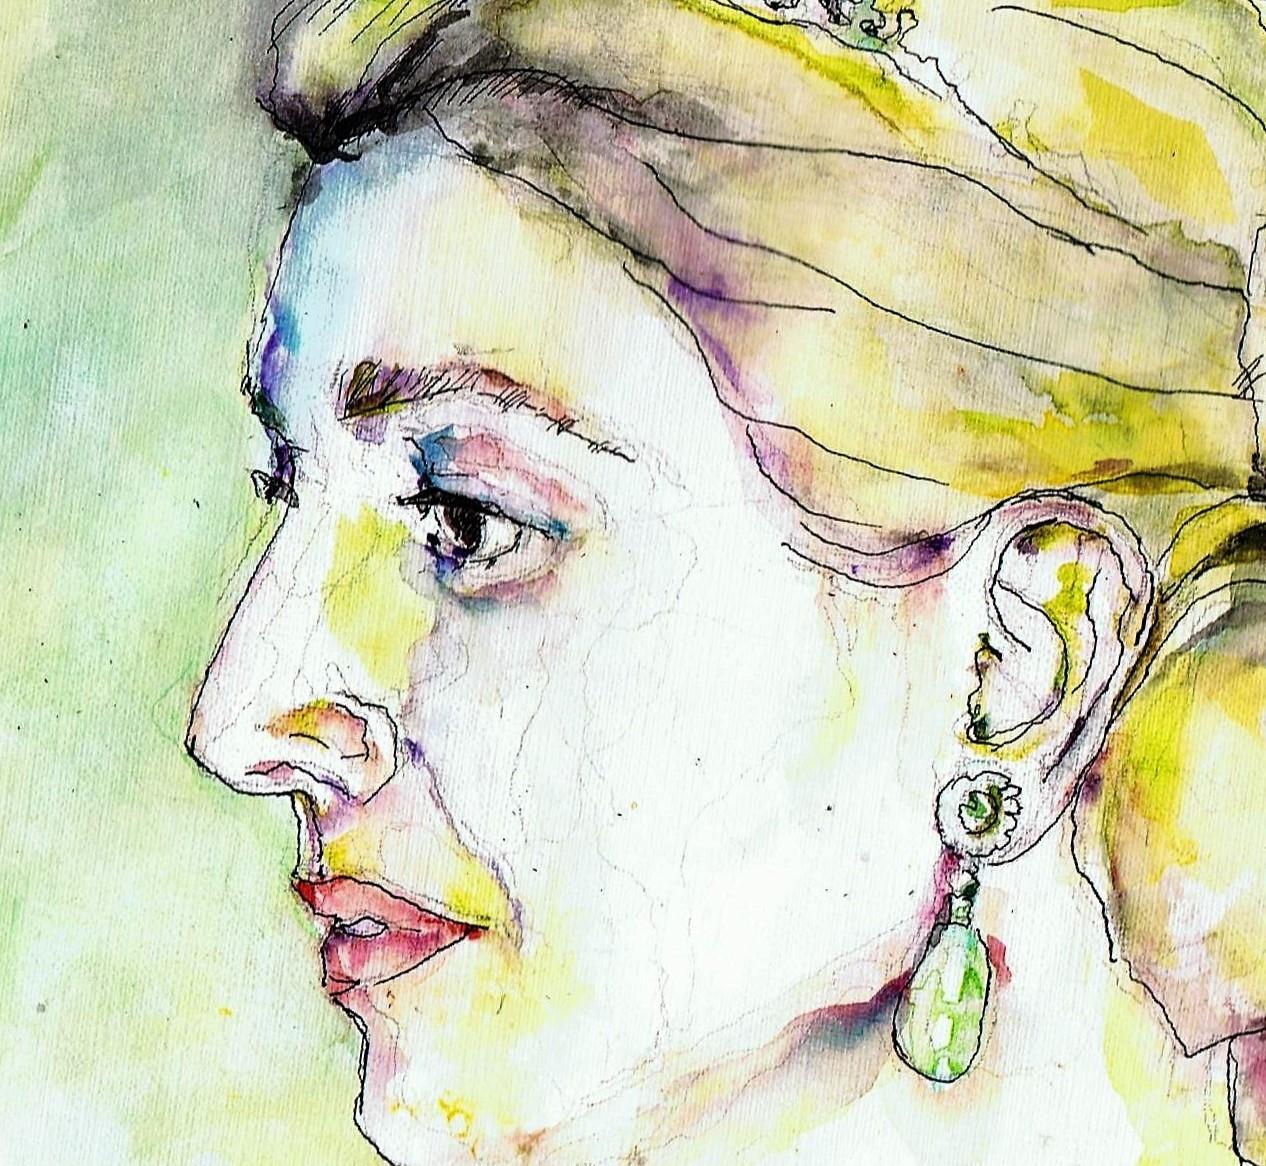 365 dagen een portret 66 Maxima, koningin Inkt en aquarel 19c25